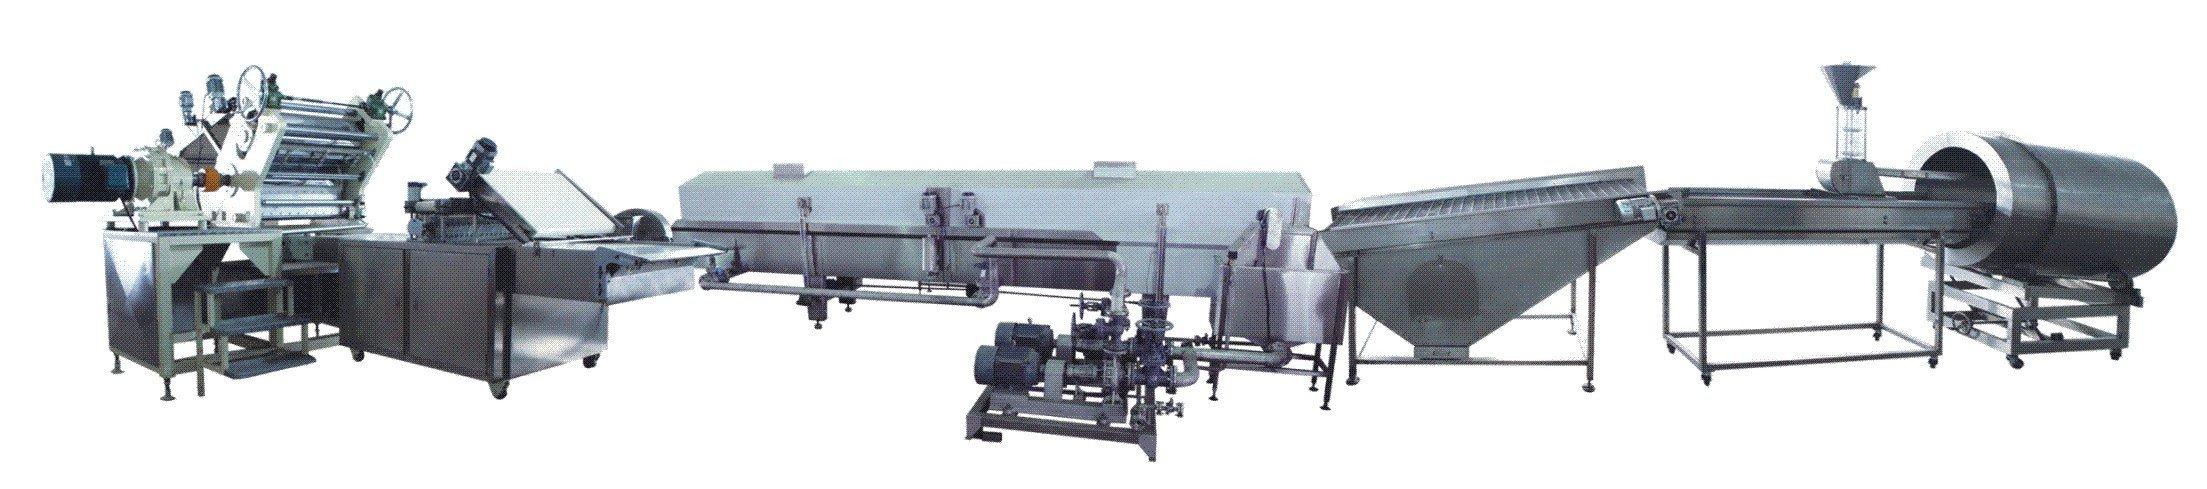 HANDYWARE chips corn tortilla machine for sale manufacturer for dealer-10